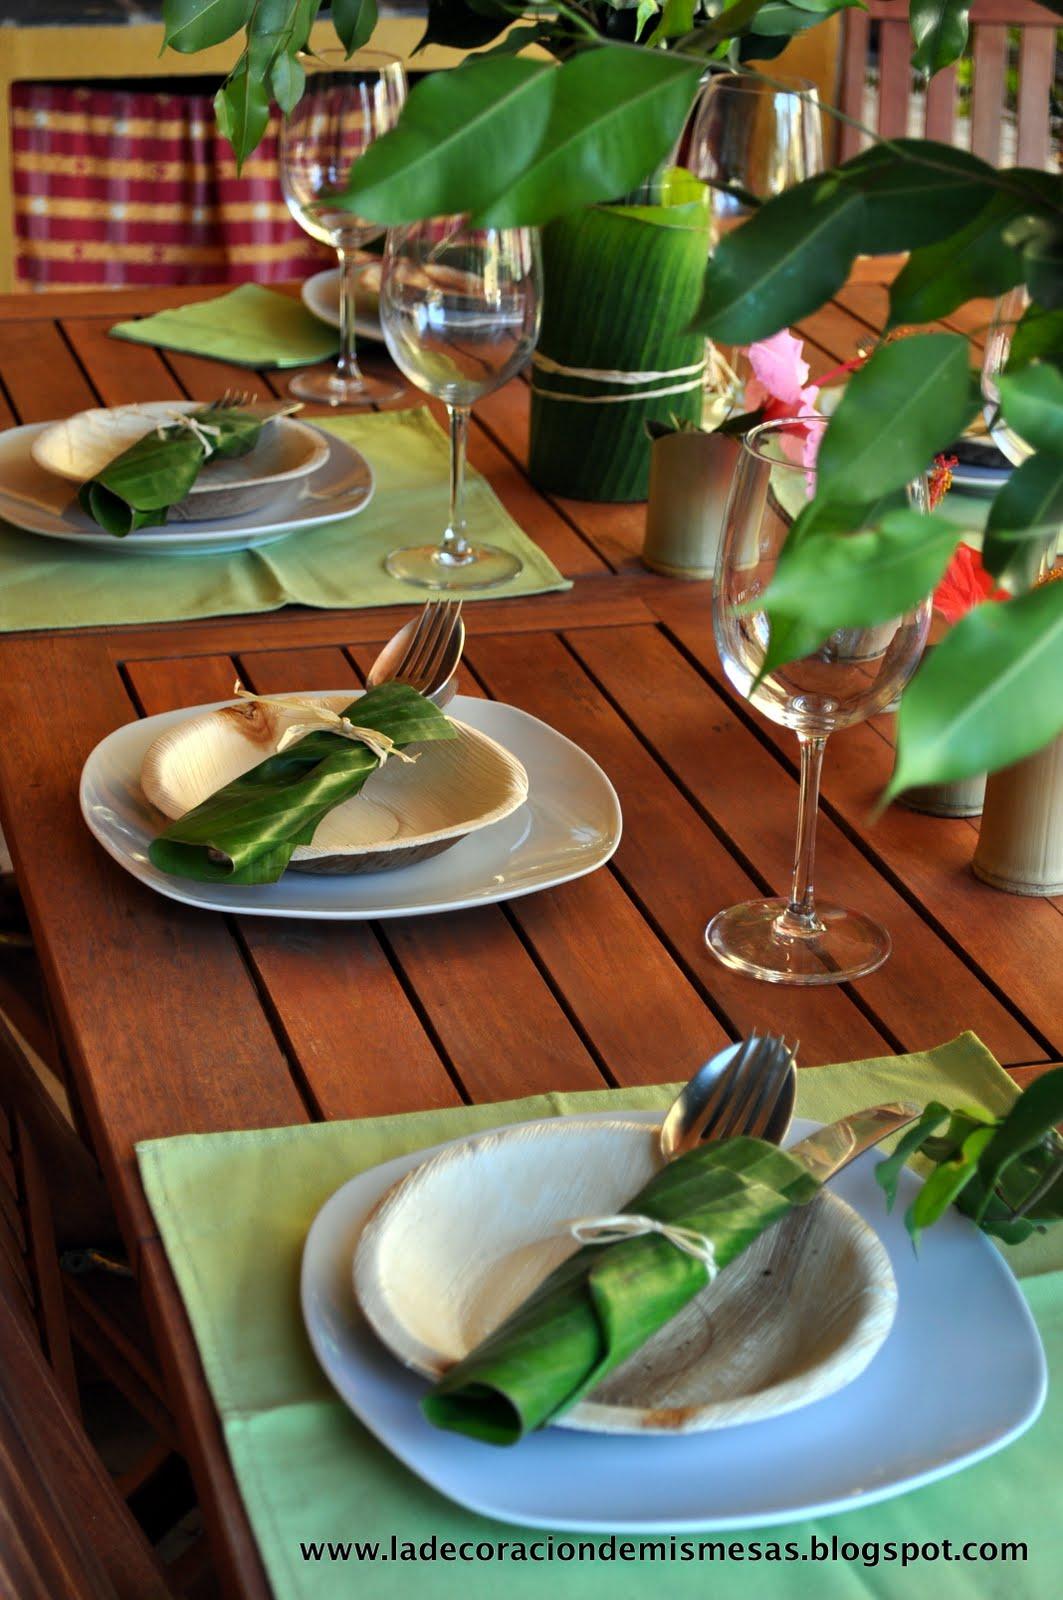 Decorar la mesa en verano - Decorar una mesa de comedor ...